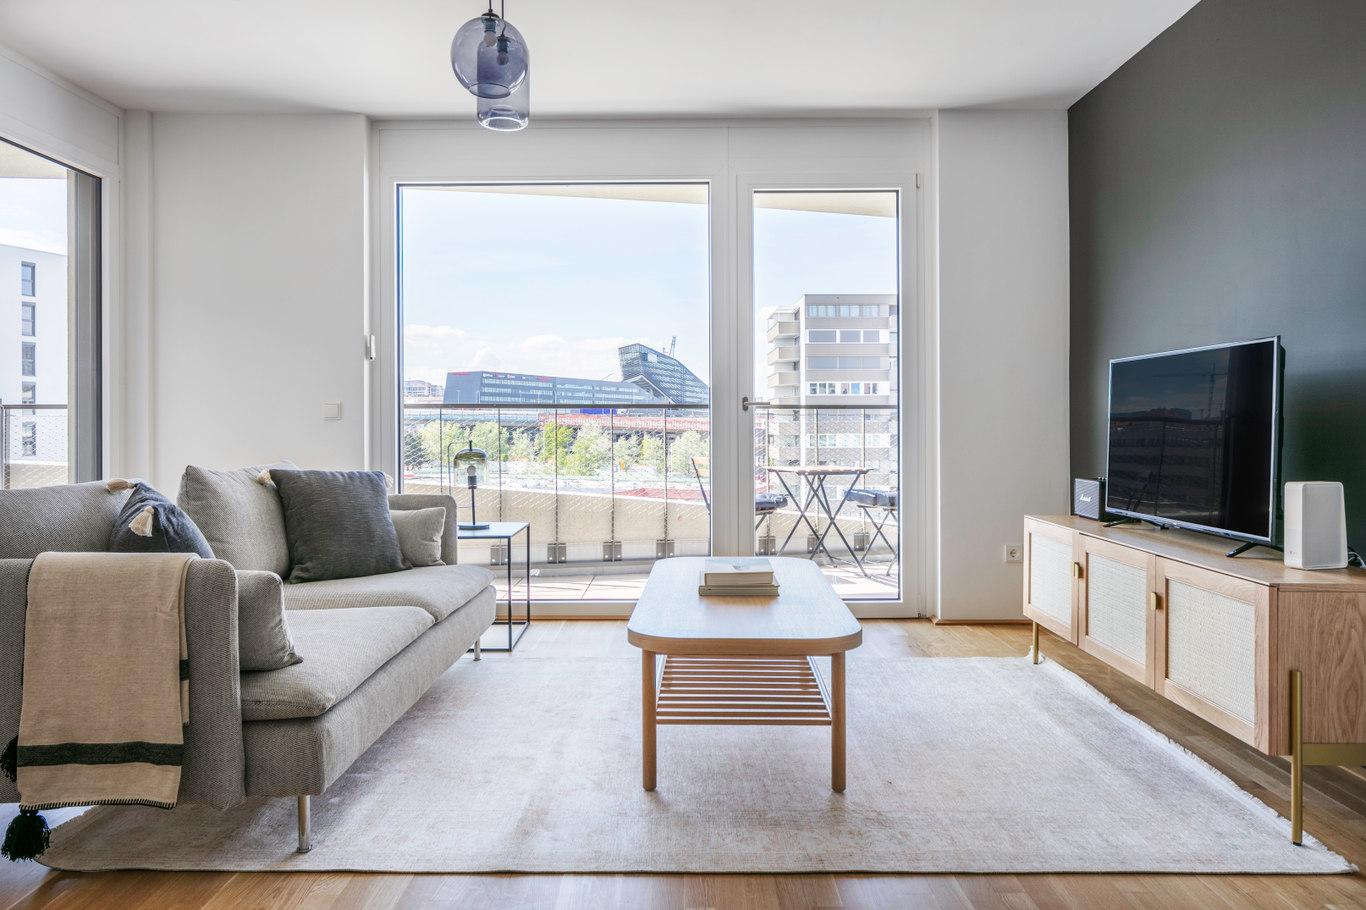 2 bedroom furnished apartment in Breitenfelder G. 18 29, 8th district - Josefstadt, Vienna, photo 1